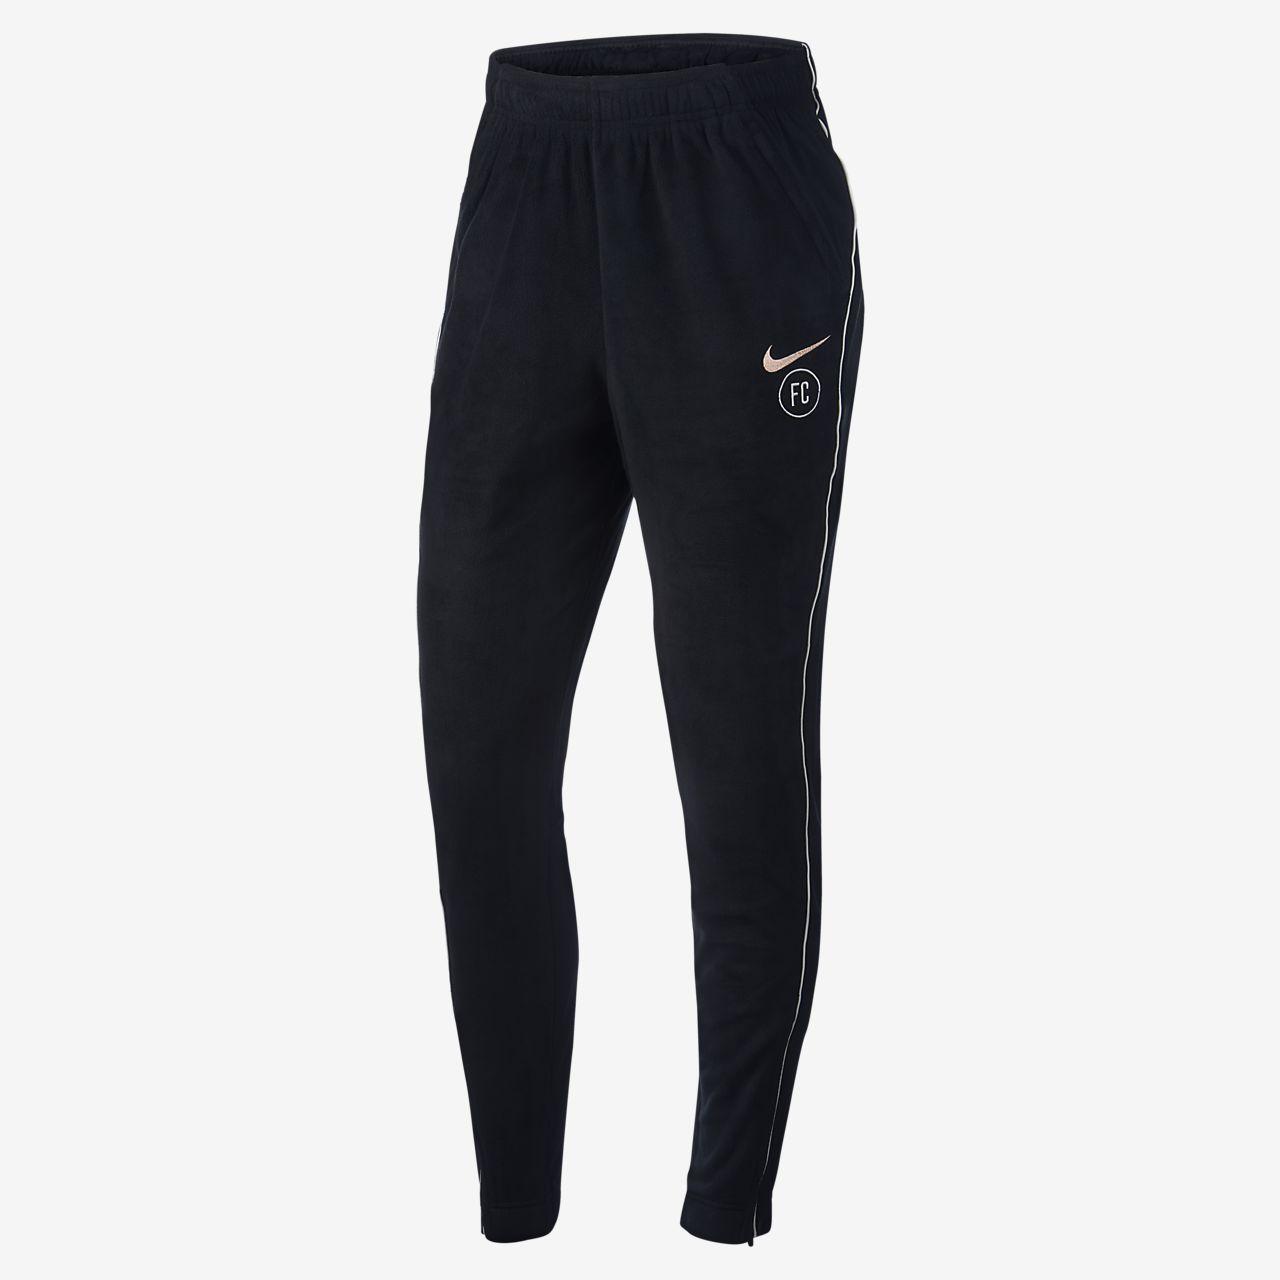 Damskie spodnie piłkarskie Nike F.C.